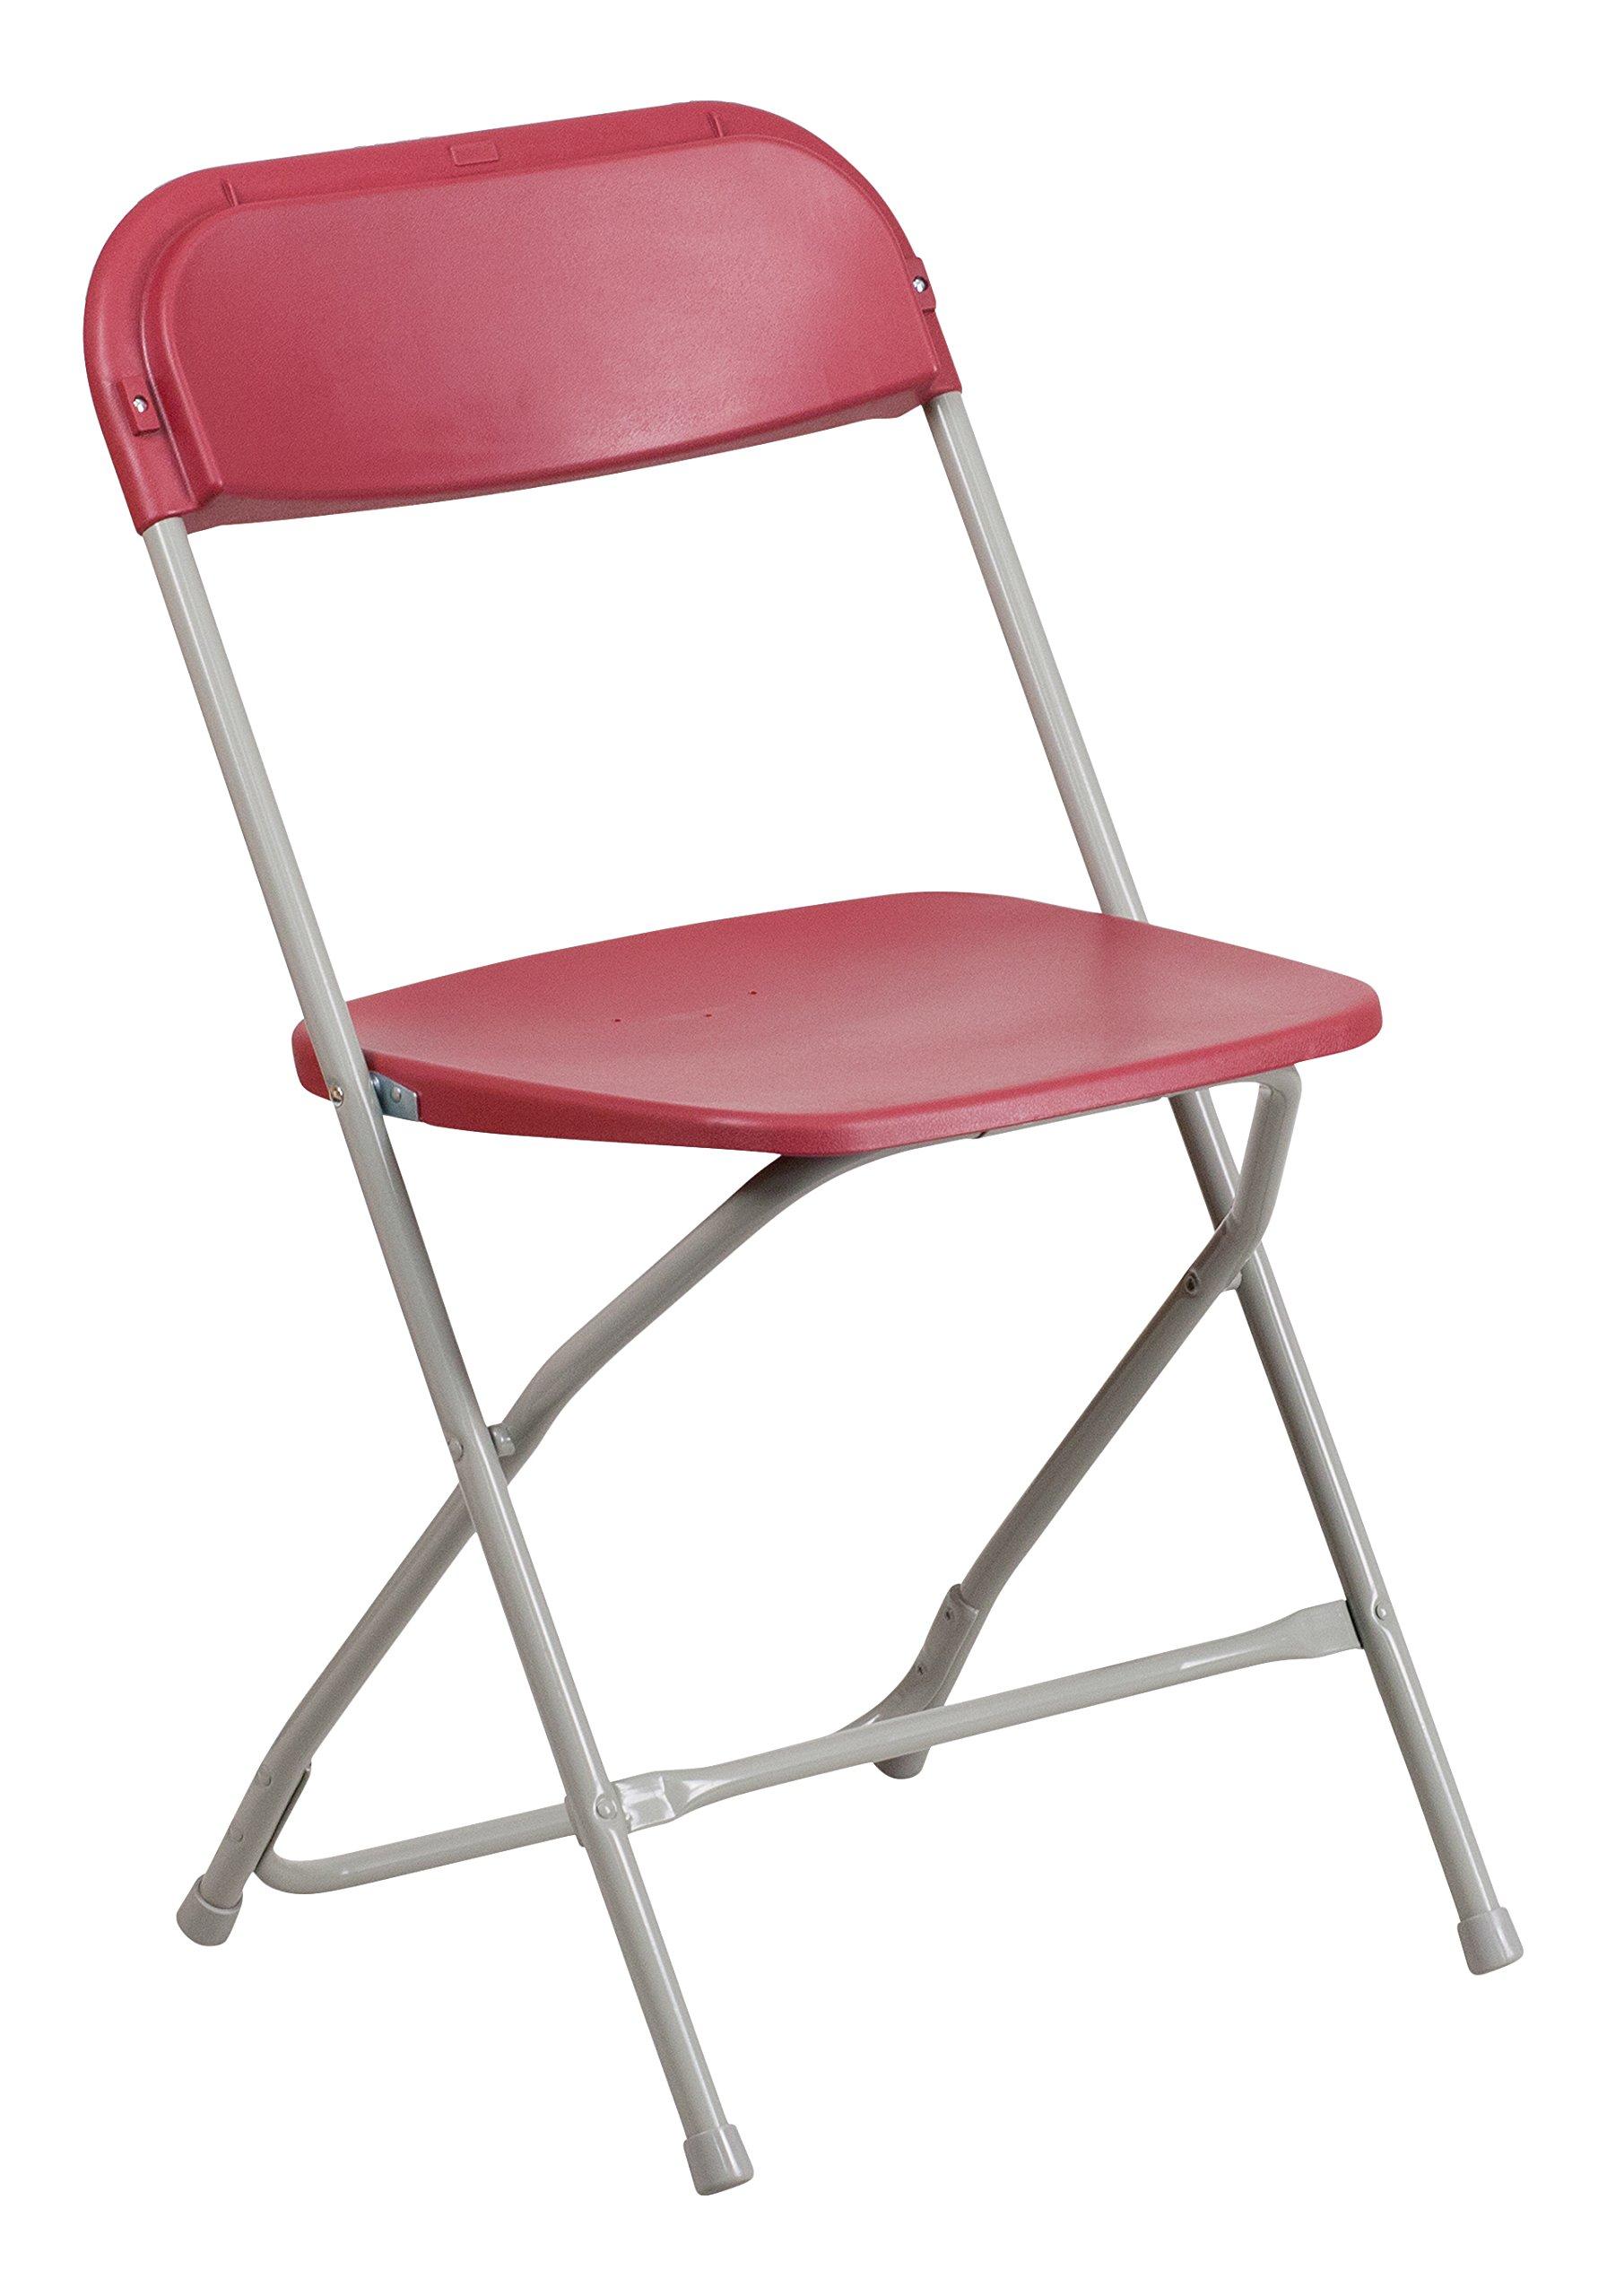 Flash Furniture 10 Pk. HERCULES Series 800 lb. Capacity Premium Red Plastic Folding Chair